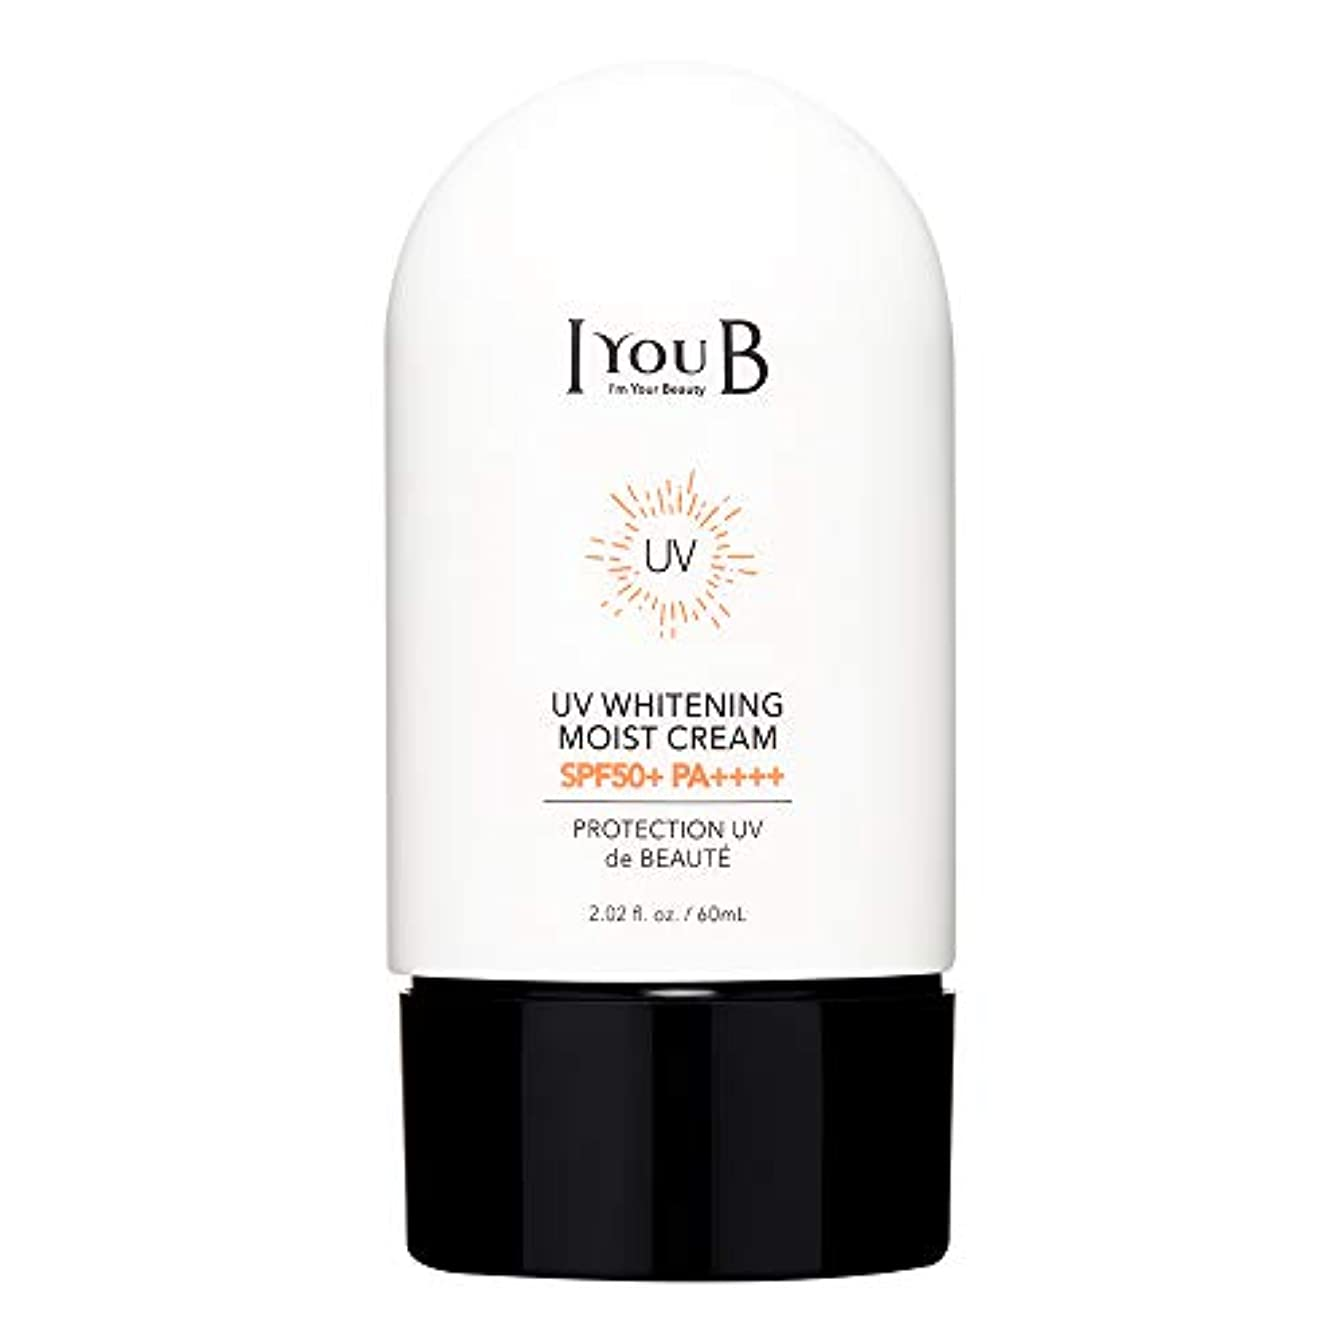 ふさわしい無秩序人に関する限り[アイユビ]UVホワイトニングモイストクリーム 50+ PA++++60ml/2oz,[IYOUB] UV Whitening Moist Cream SPF 50+ PA++++60ml/2oz